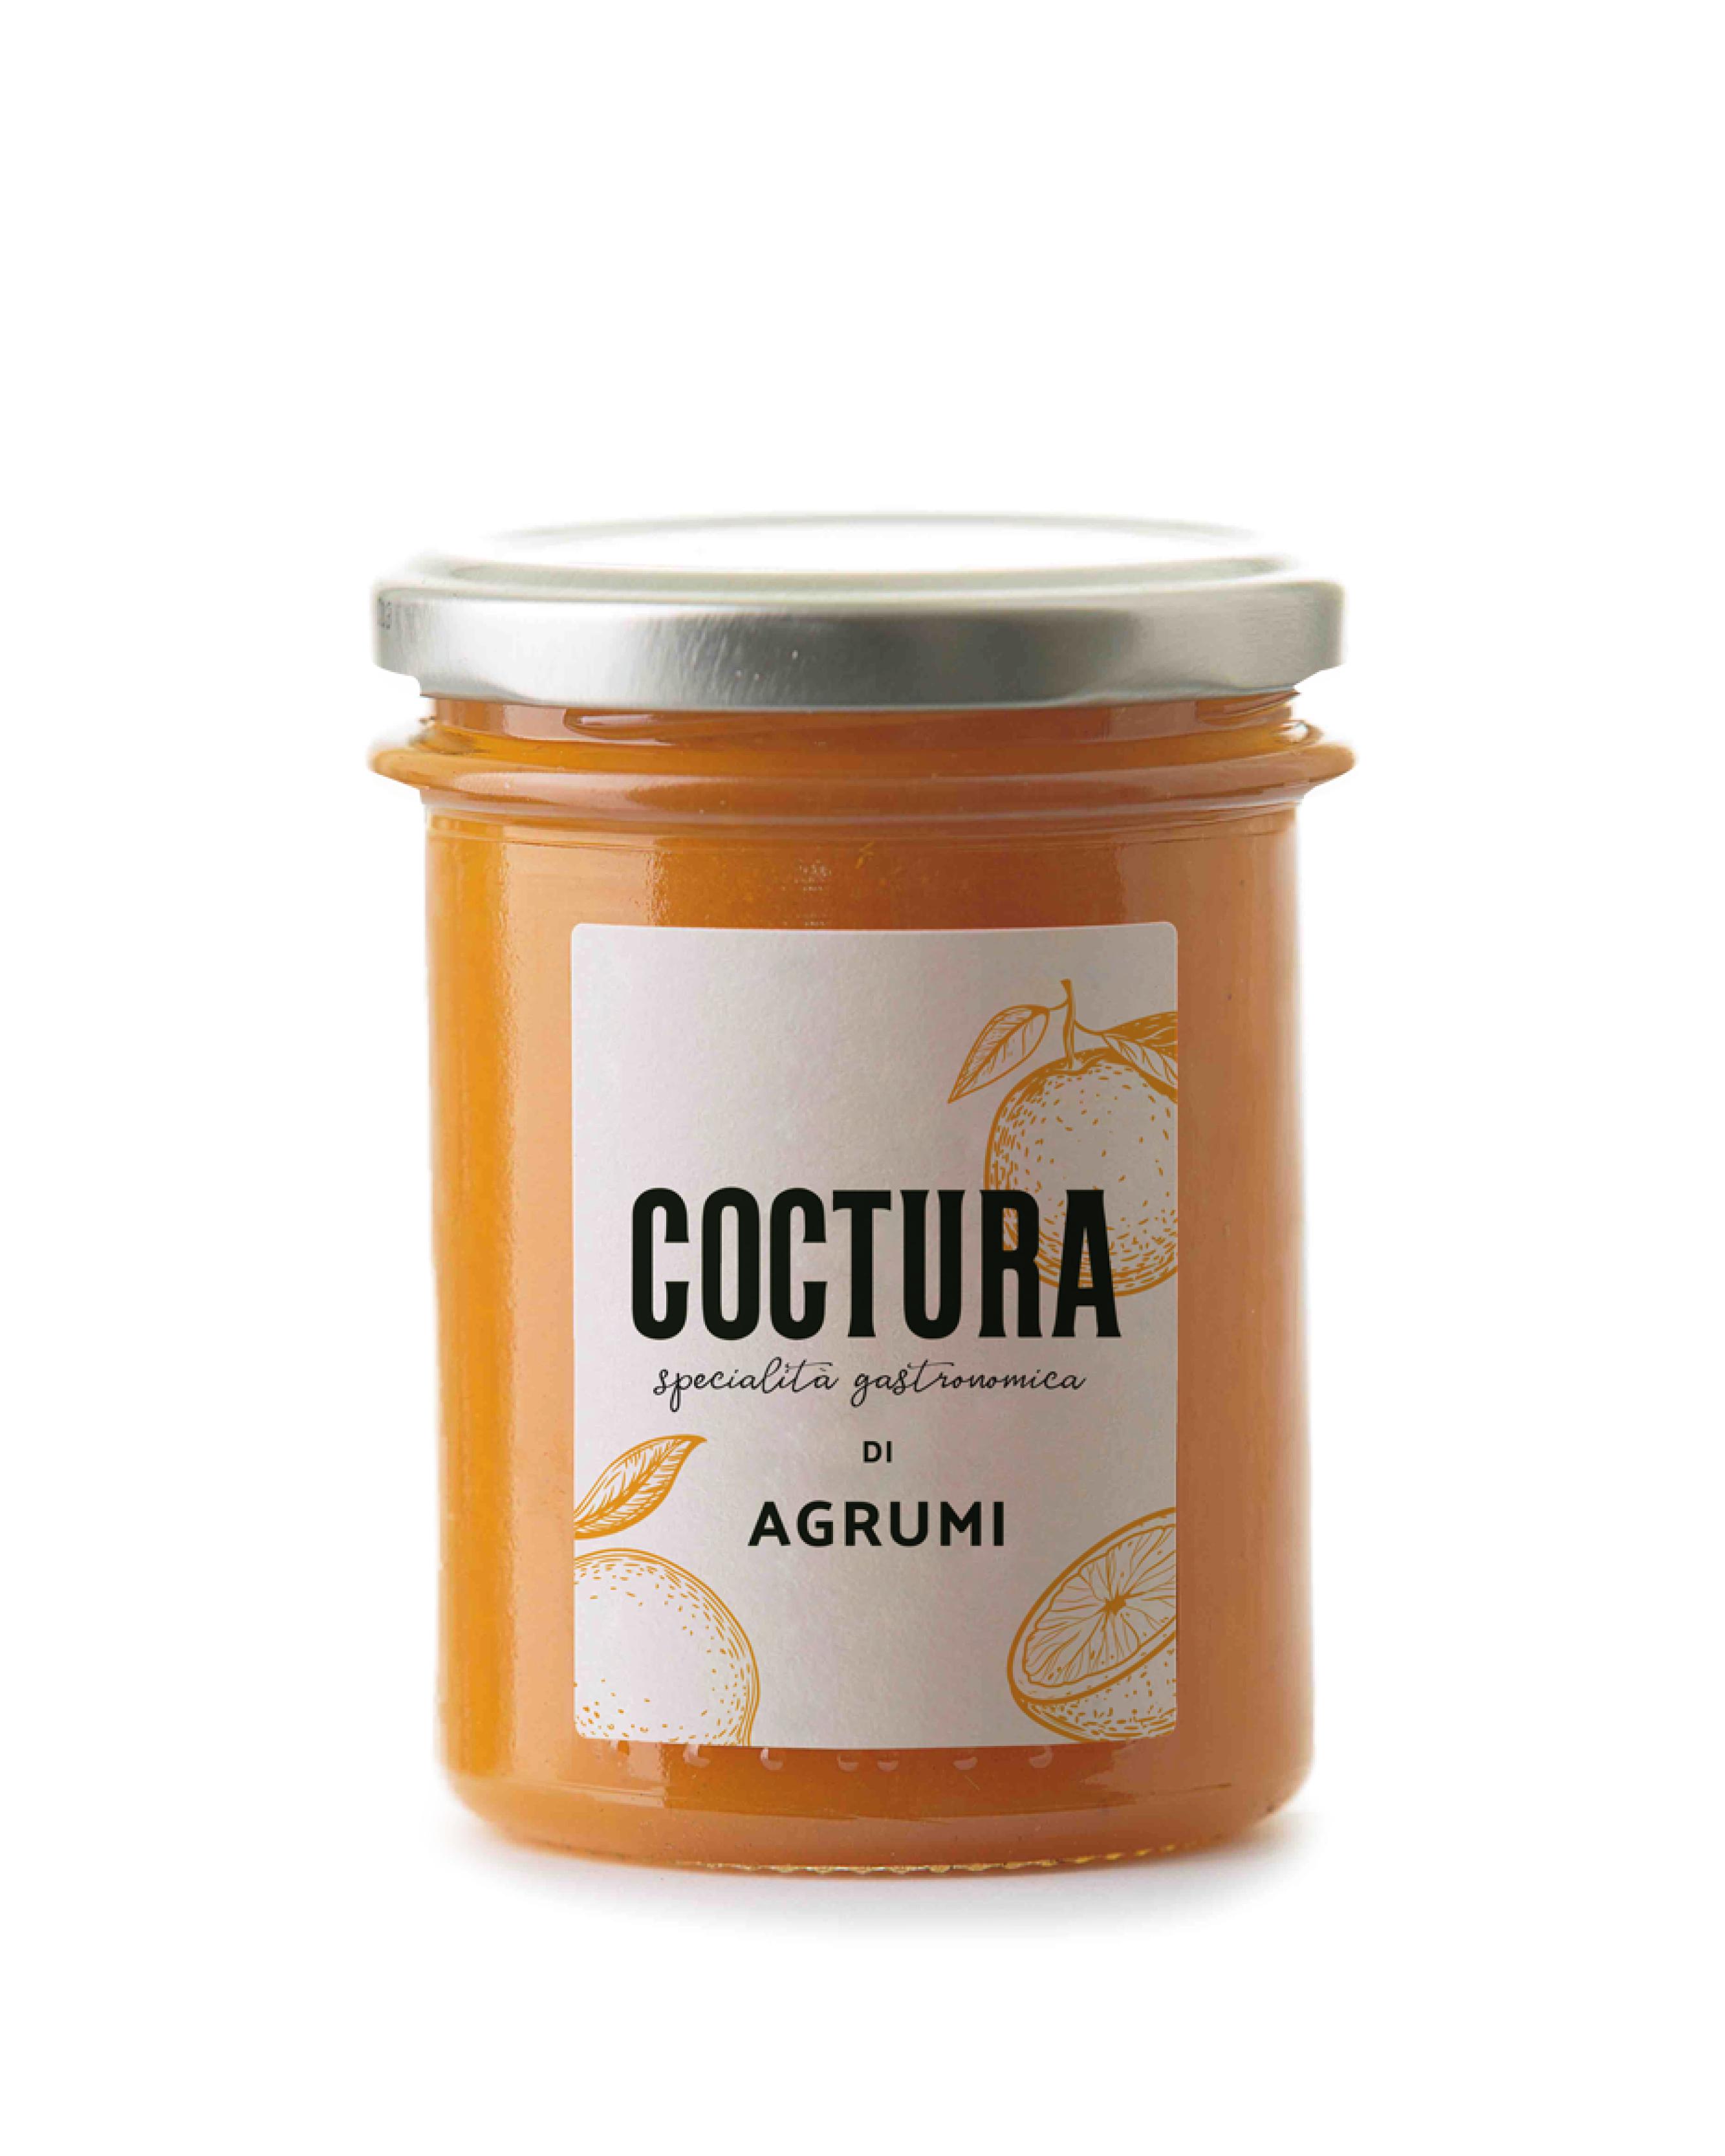 COCTURA - Specialità Gastronomica di Agrumi di Sicilia 240g